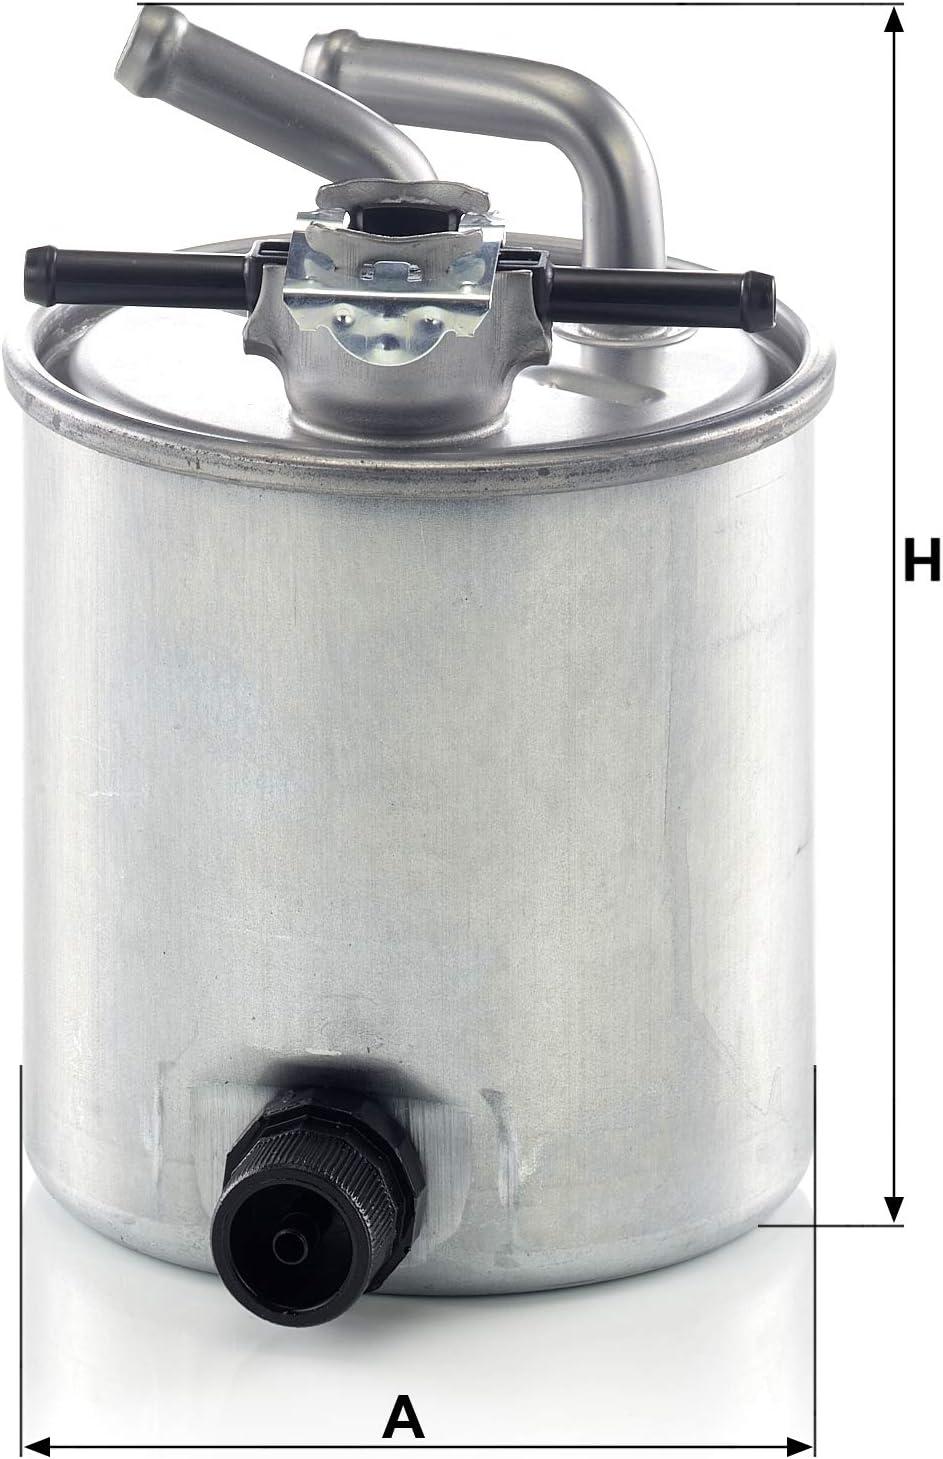 Original Mann Filter Kraftstofffilter Wk 920 6 Für Pkw Auto